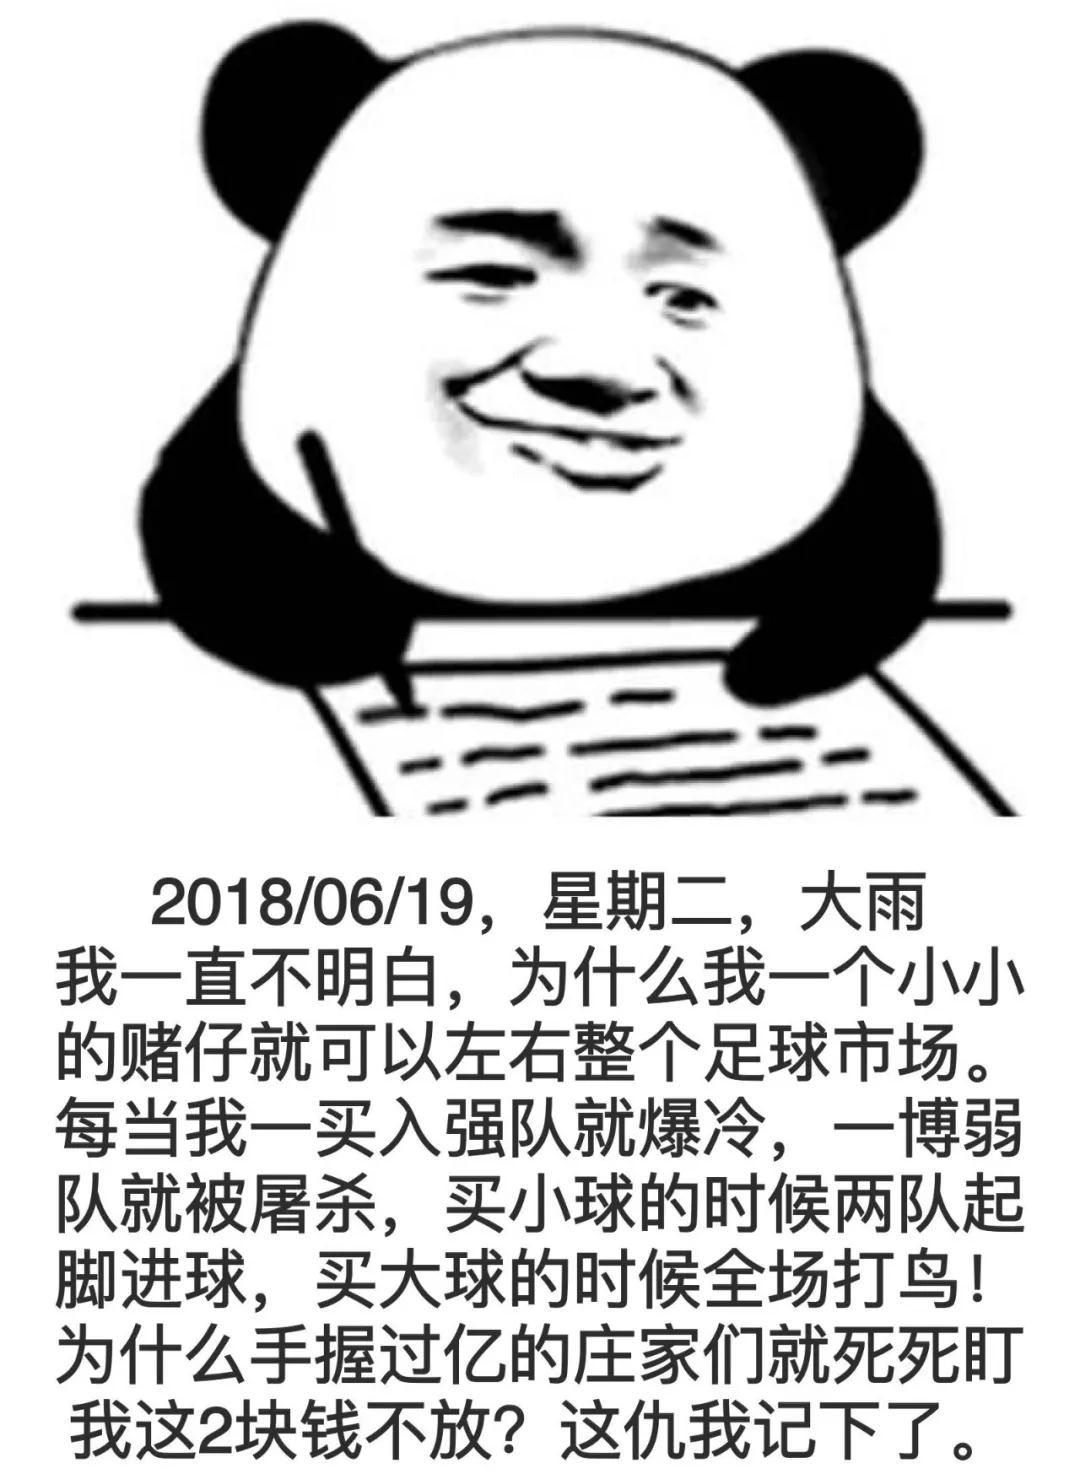 熊猫记笔记:20180619星期二,大雨 我一直不明白,为什么....表情图片